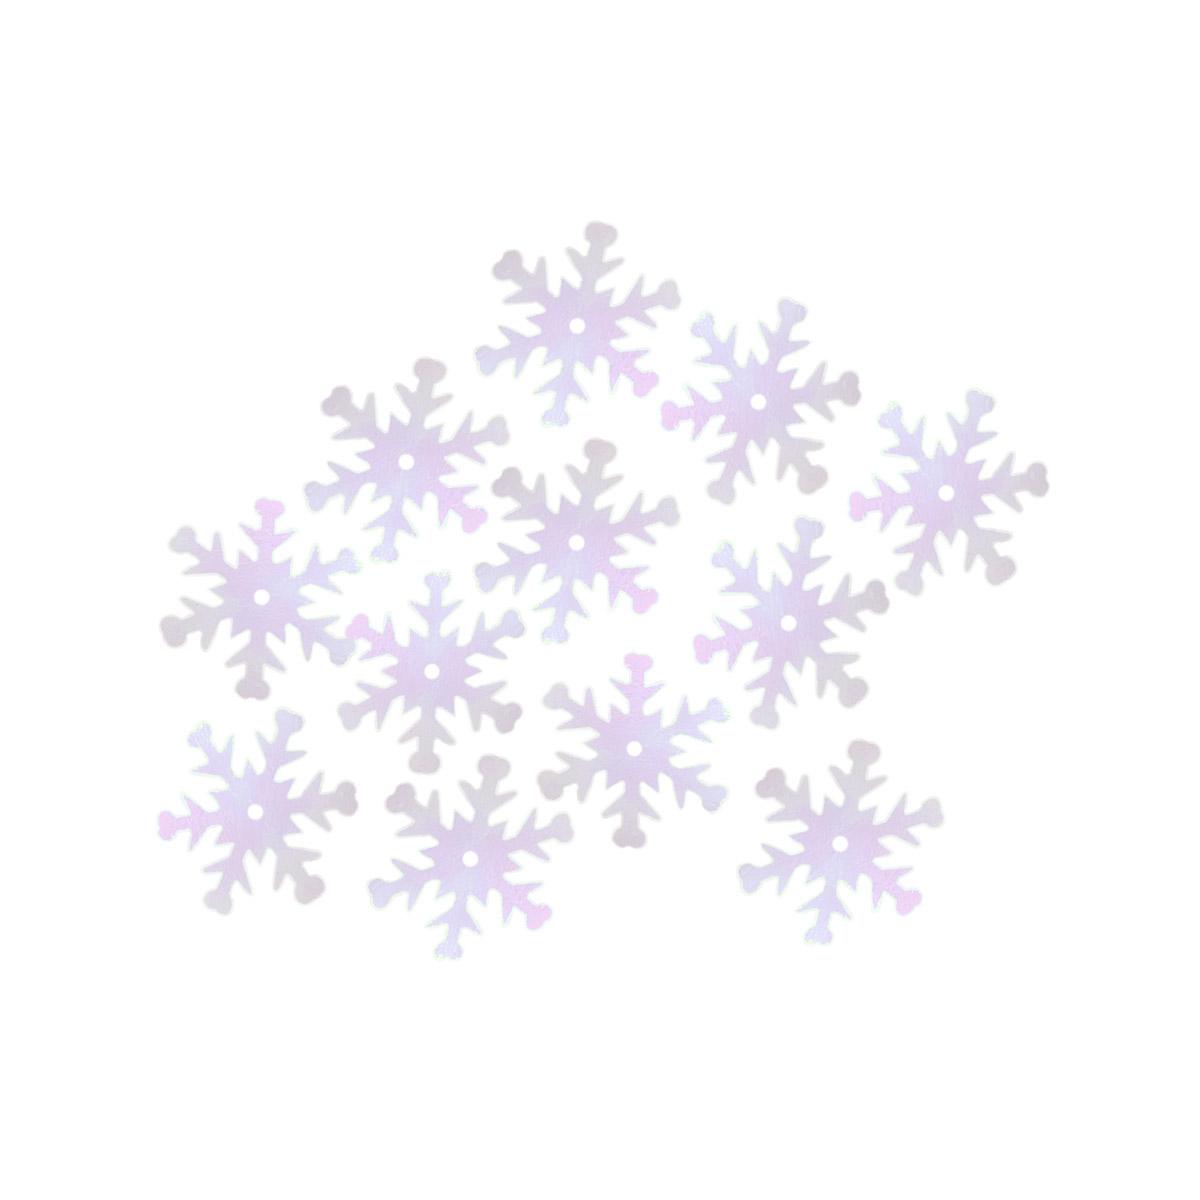 Пайетки-снежинки, 24 мм, упак./100 гр. (319) фото